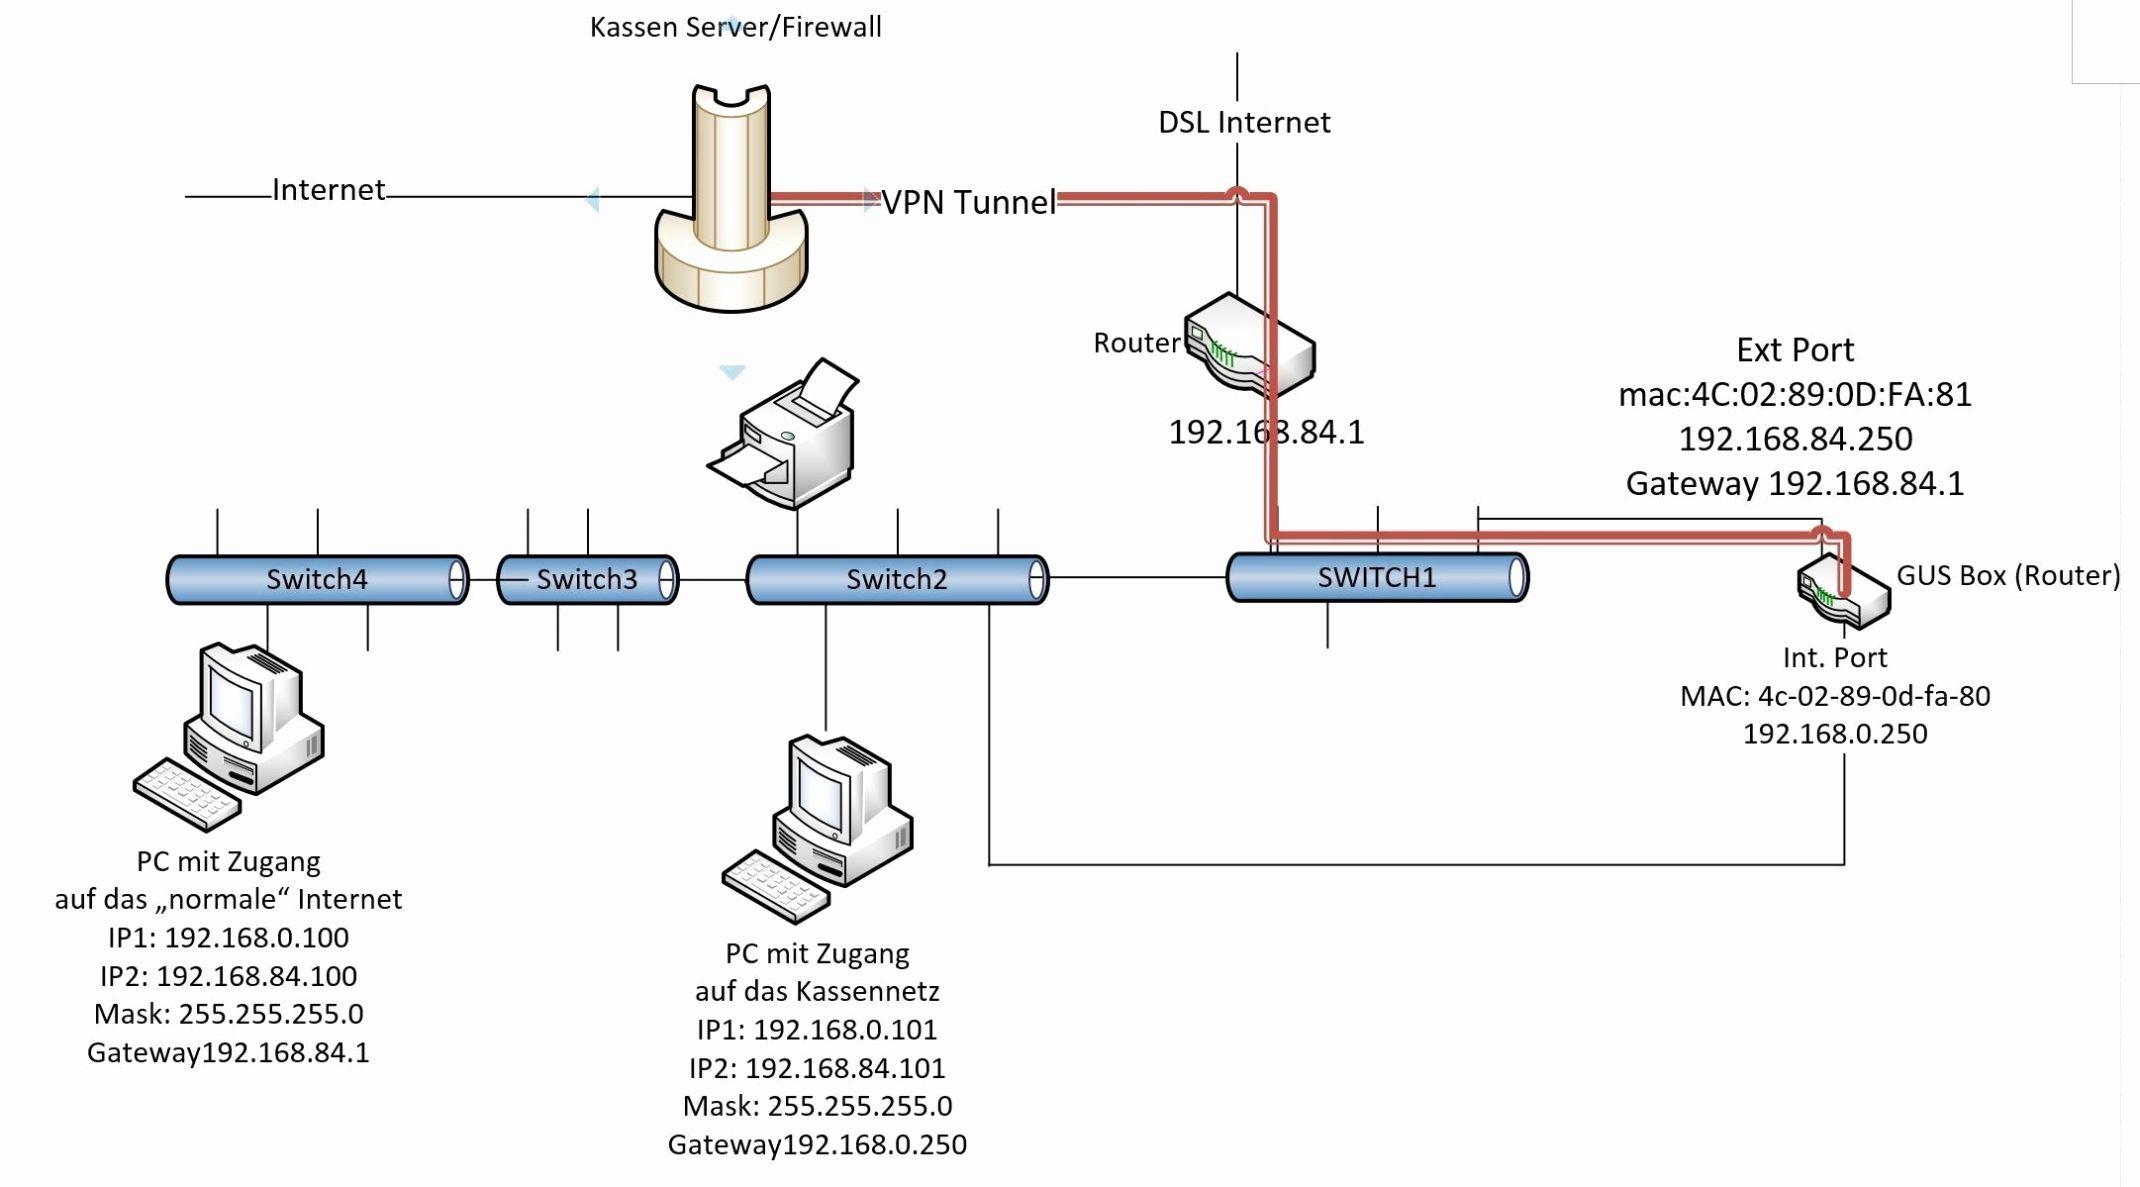 Brake Wiring Diagram Diagram] 2017 Jaguar Xe Wiring Diagram Full Version Hd Of Brake Wiring Diagram